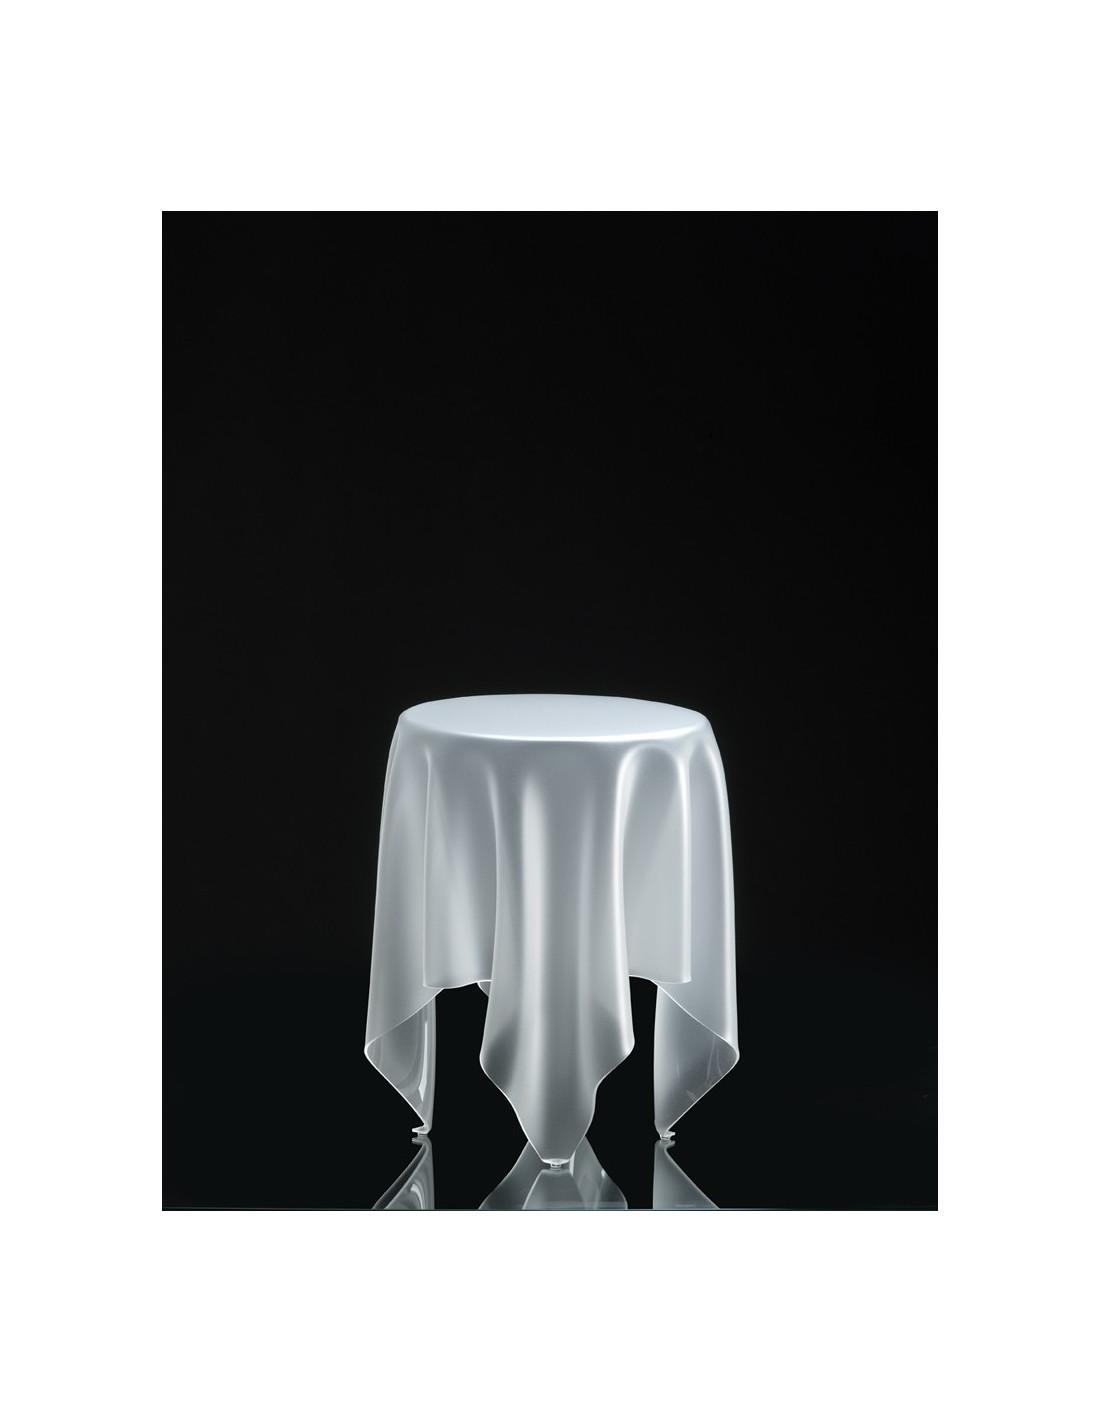 Illusion Table By John Brauer La Boutique Danoise